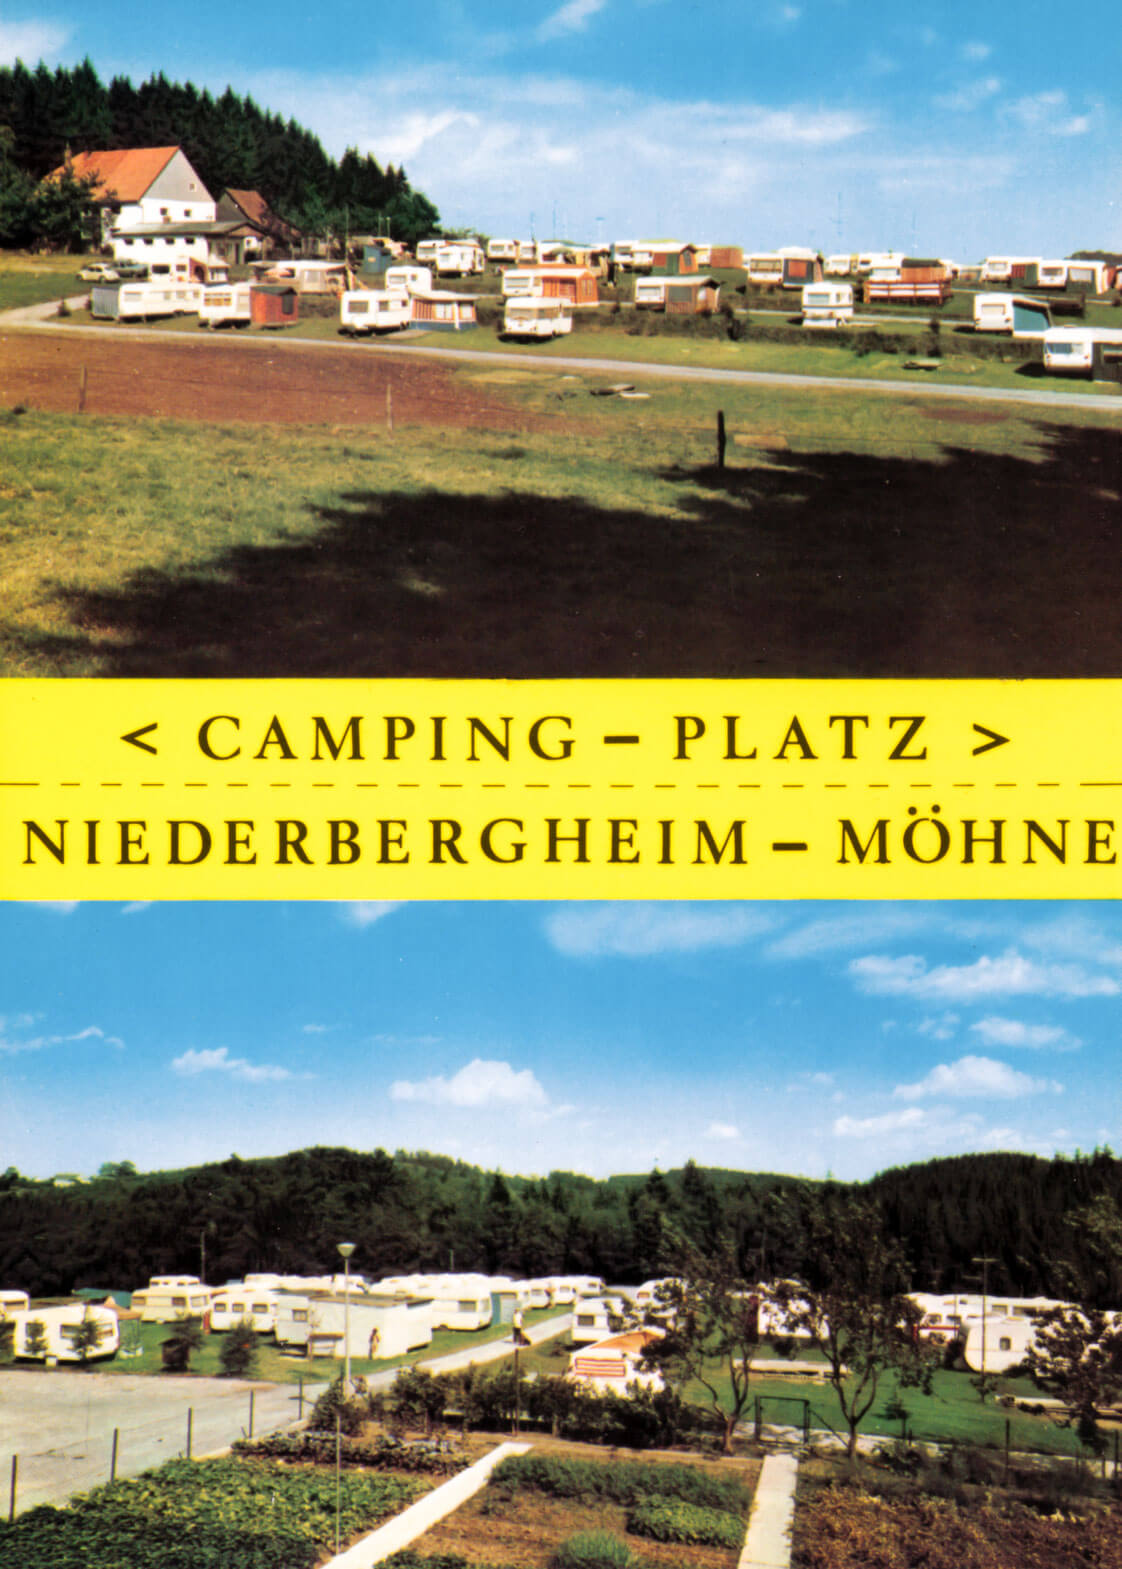 Wiggeshoff Camping